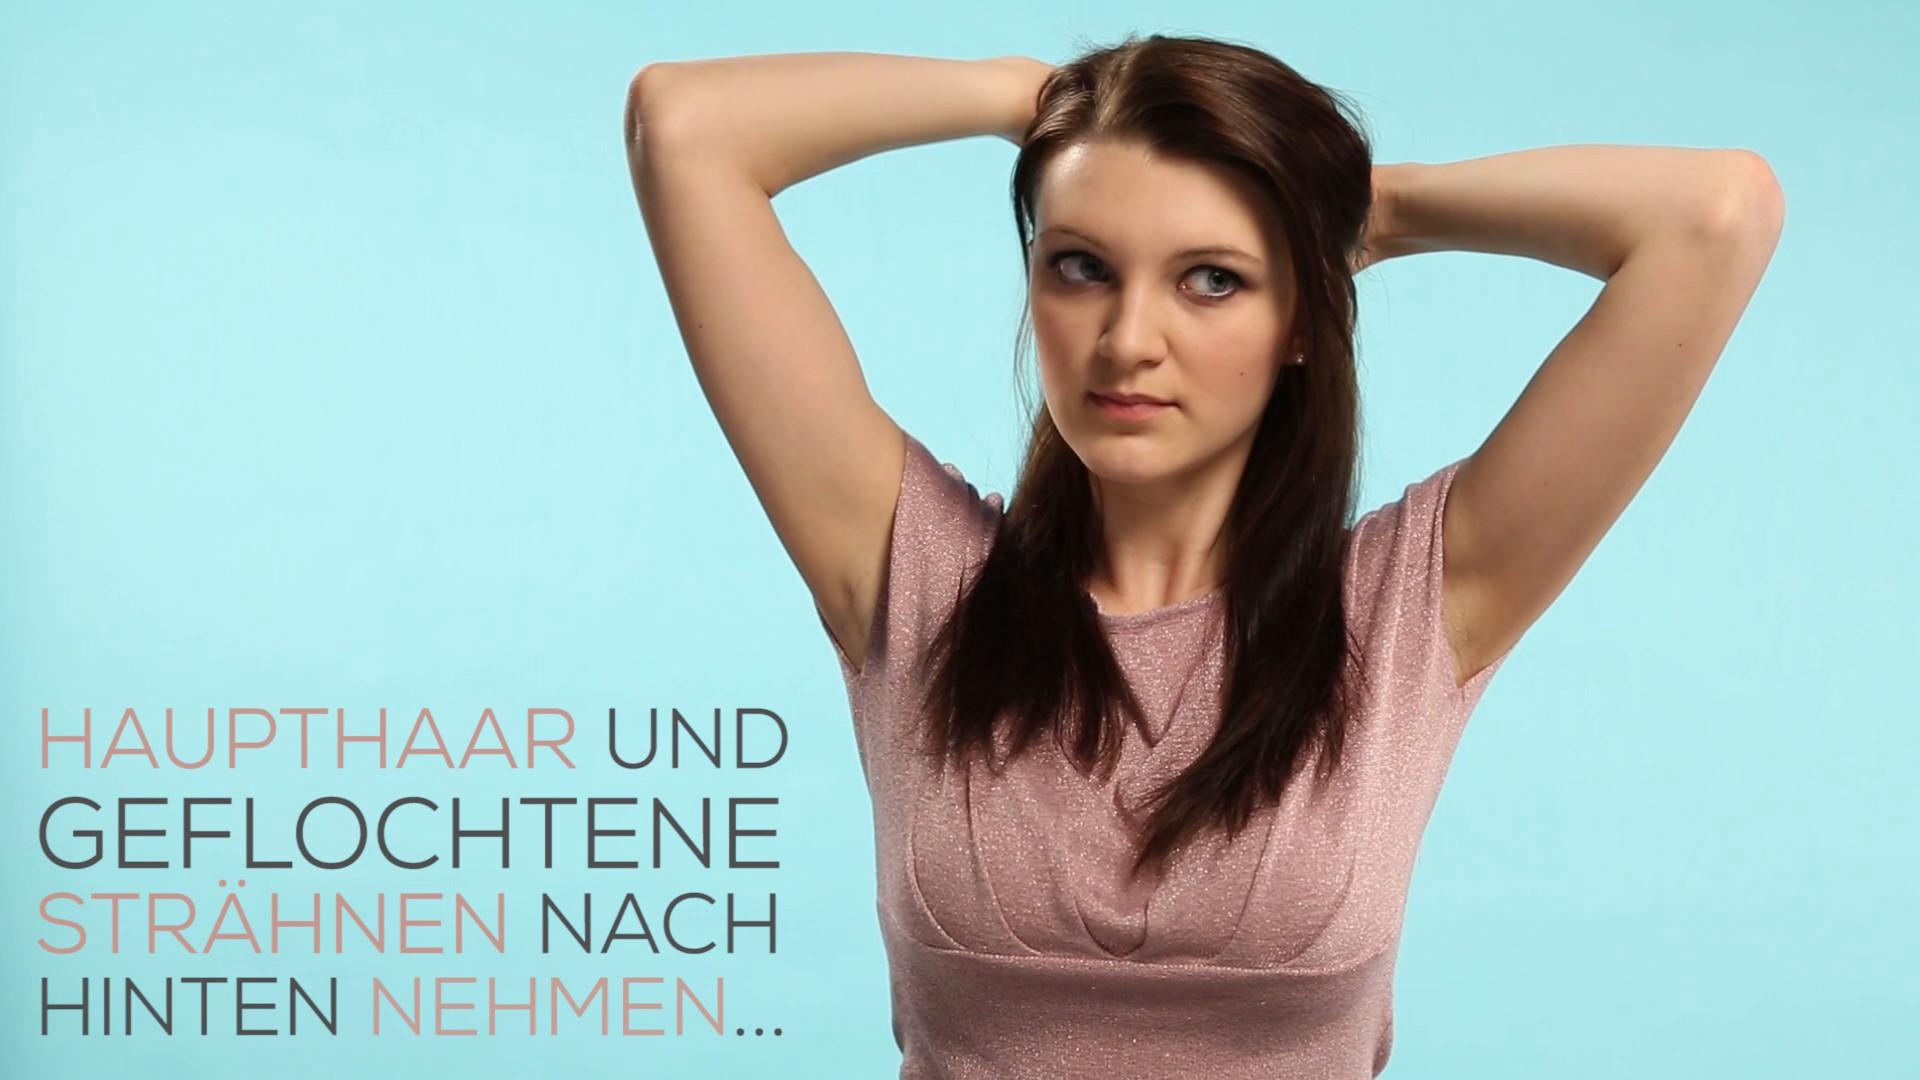 Frisuren für den Alltag- Braided Half Updo_EL.mp4: image 8